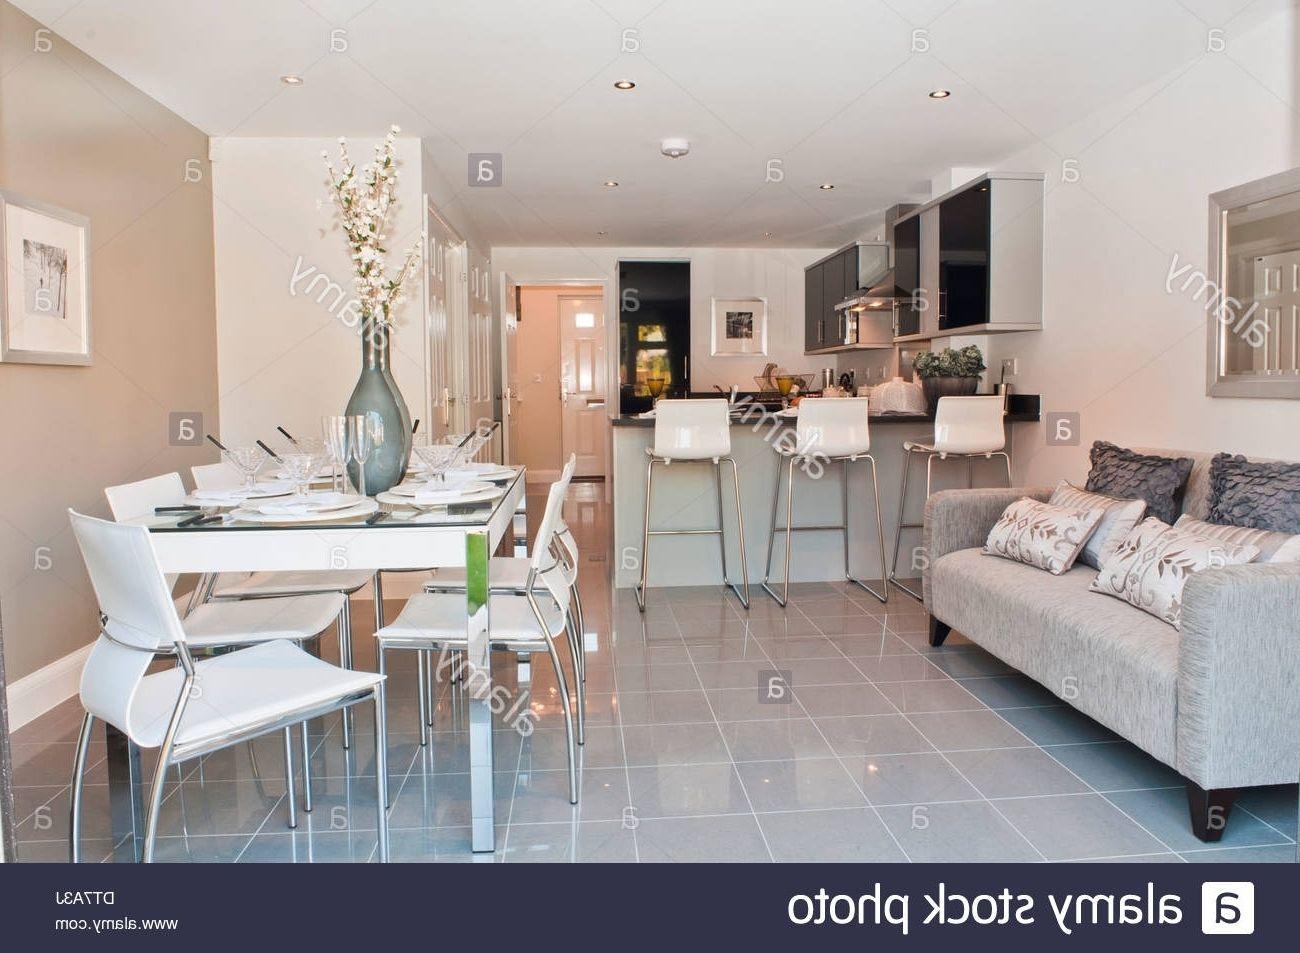 sofas in kitchen - Google Search  Kitchen sofa, Kitchen diner